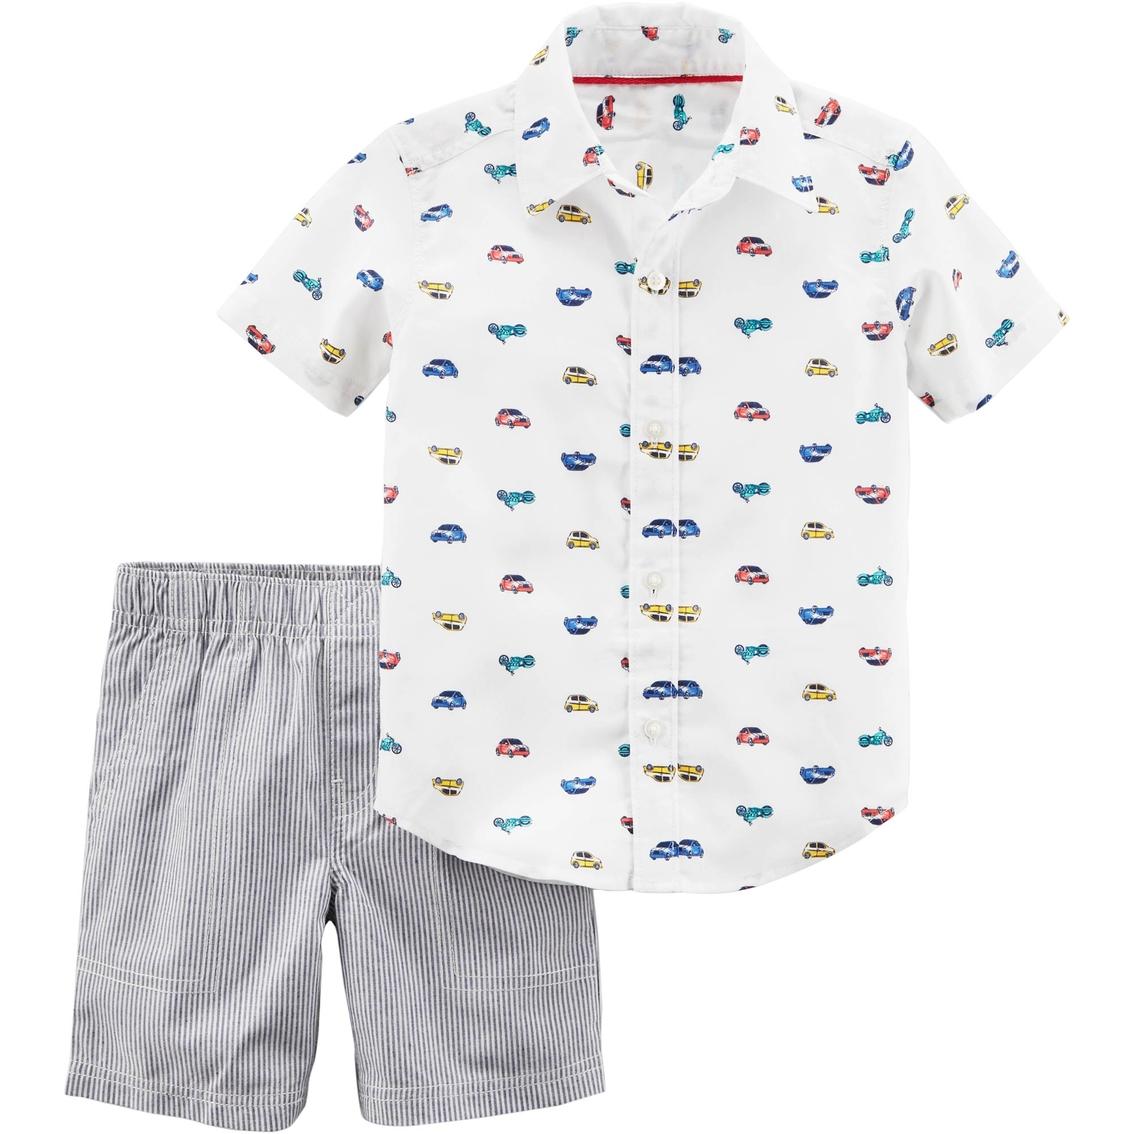 2caedfc94 Carter s Toddler Boys 2 Pc. Car Shirt And Shorts Set